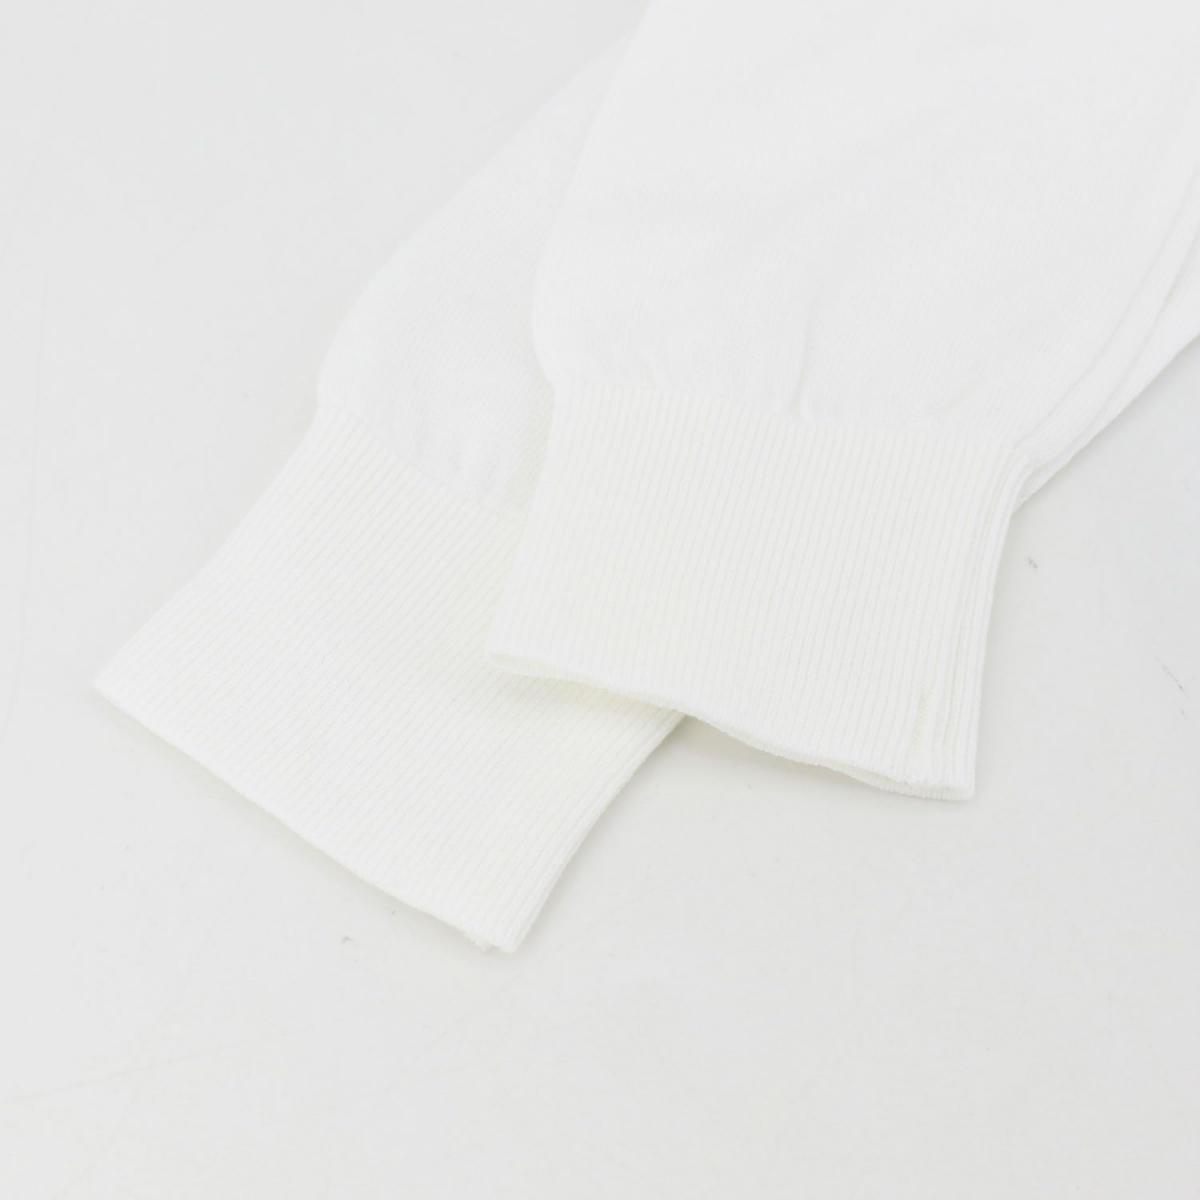 リナシェンテ RINASCENTE メンズ コットン ハイゲージ サマーニットカーディガン 203-61803 RST(ホワイト) 春夏新作